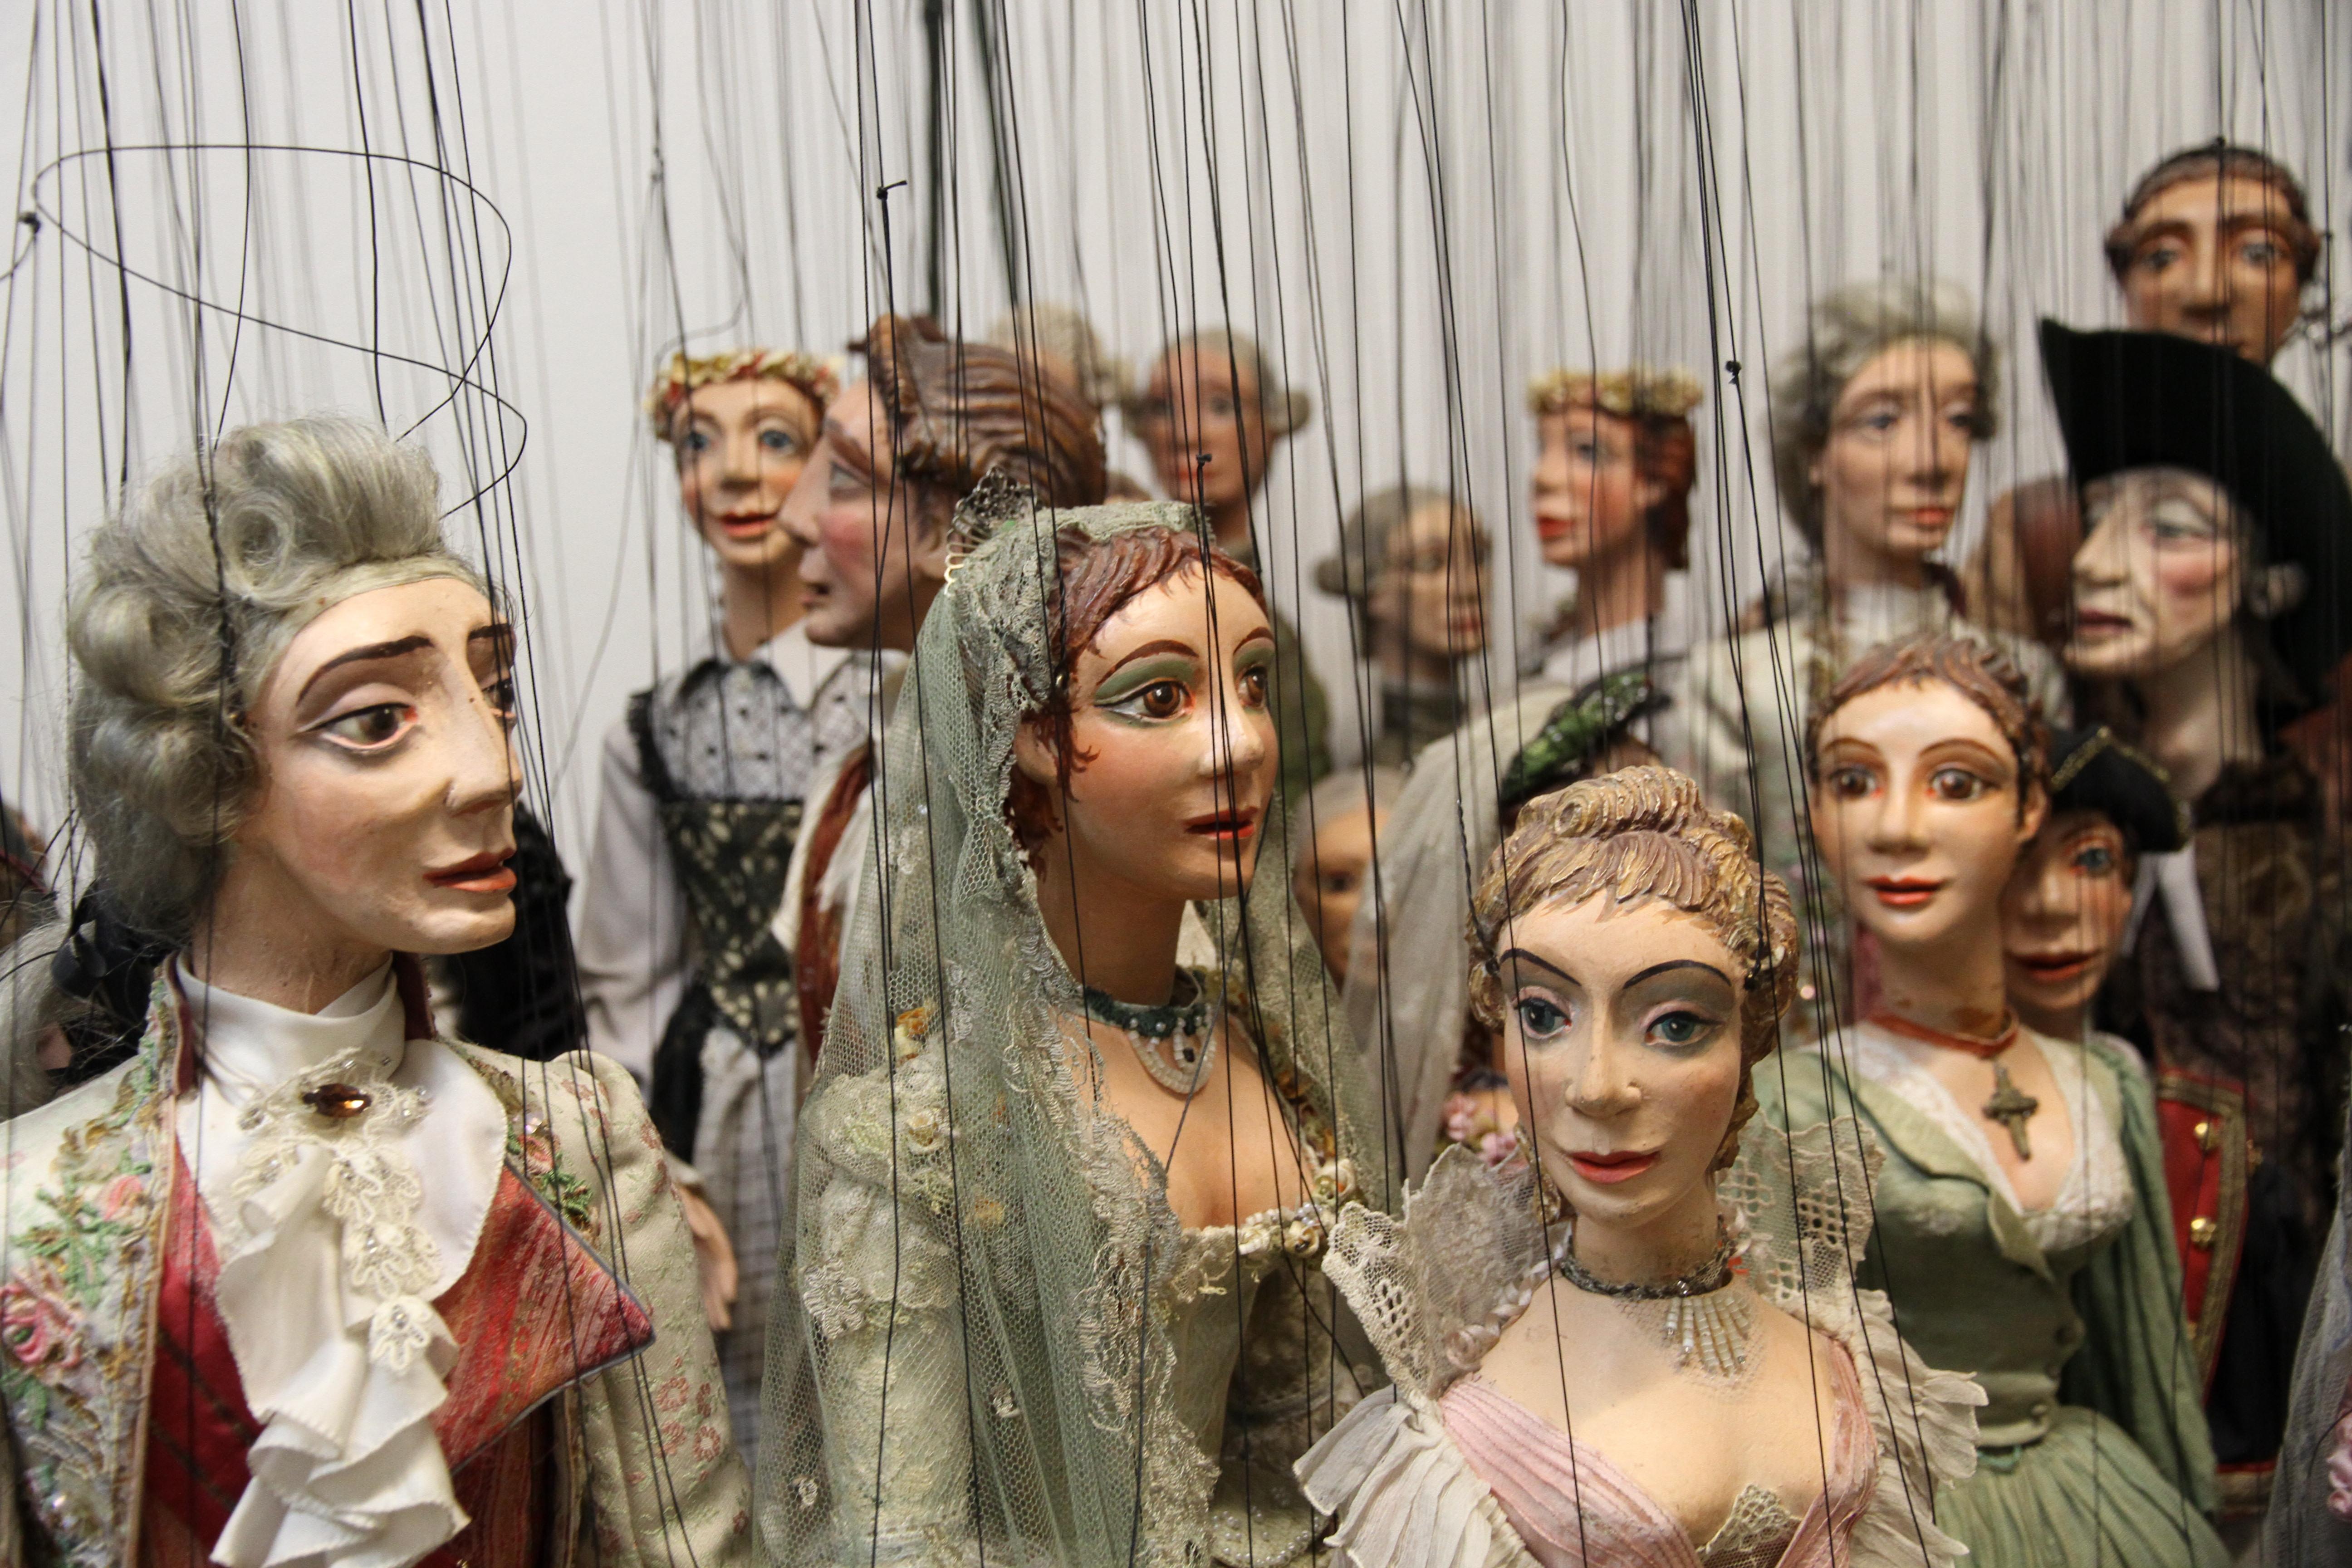 In der Welt der kleinen Mozarts, Prinzessinnen und Schurken.